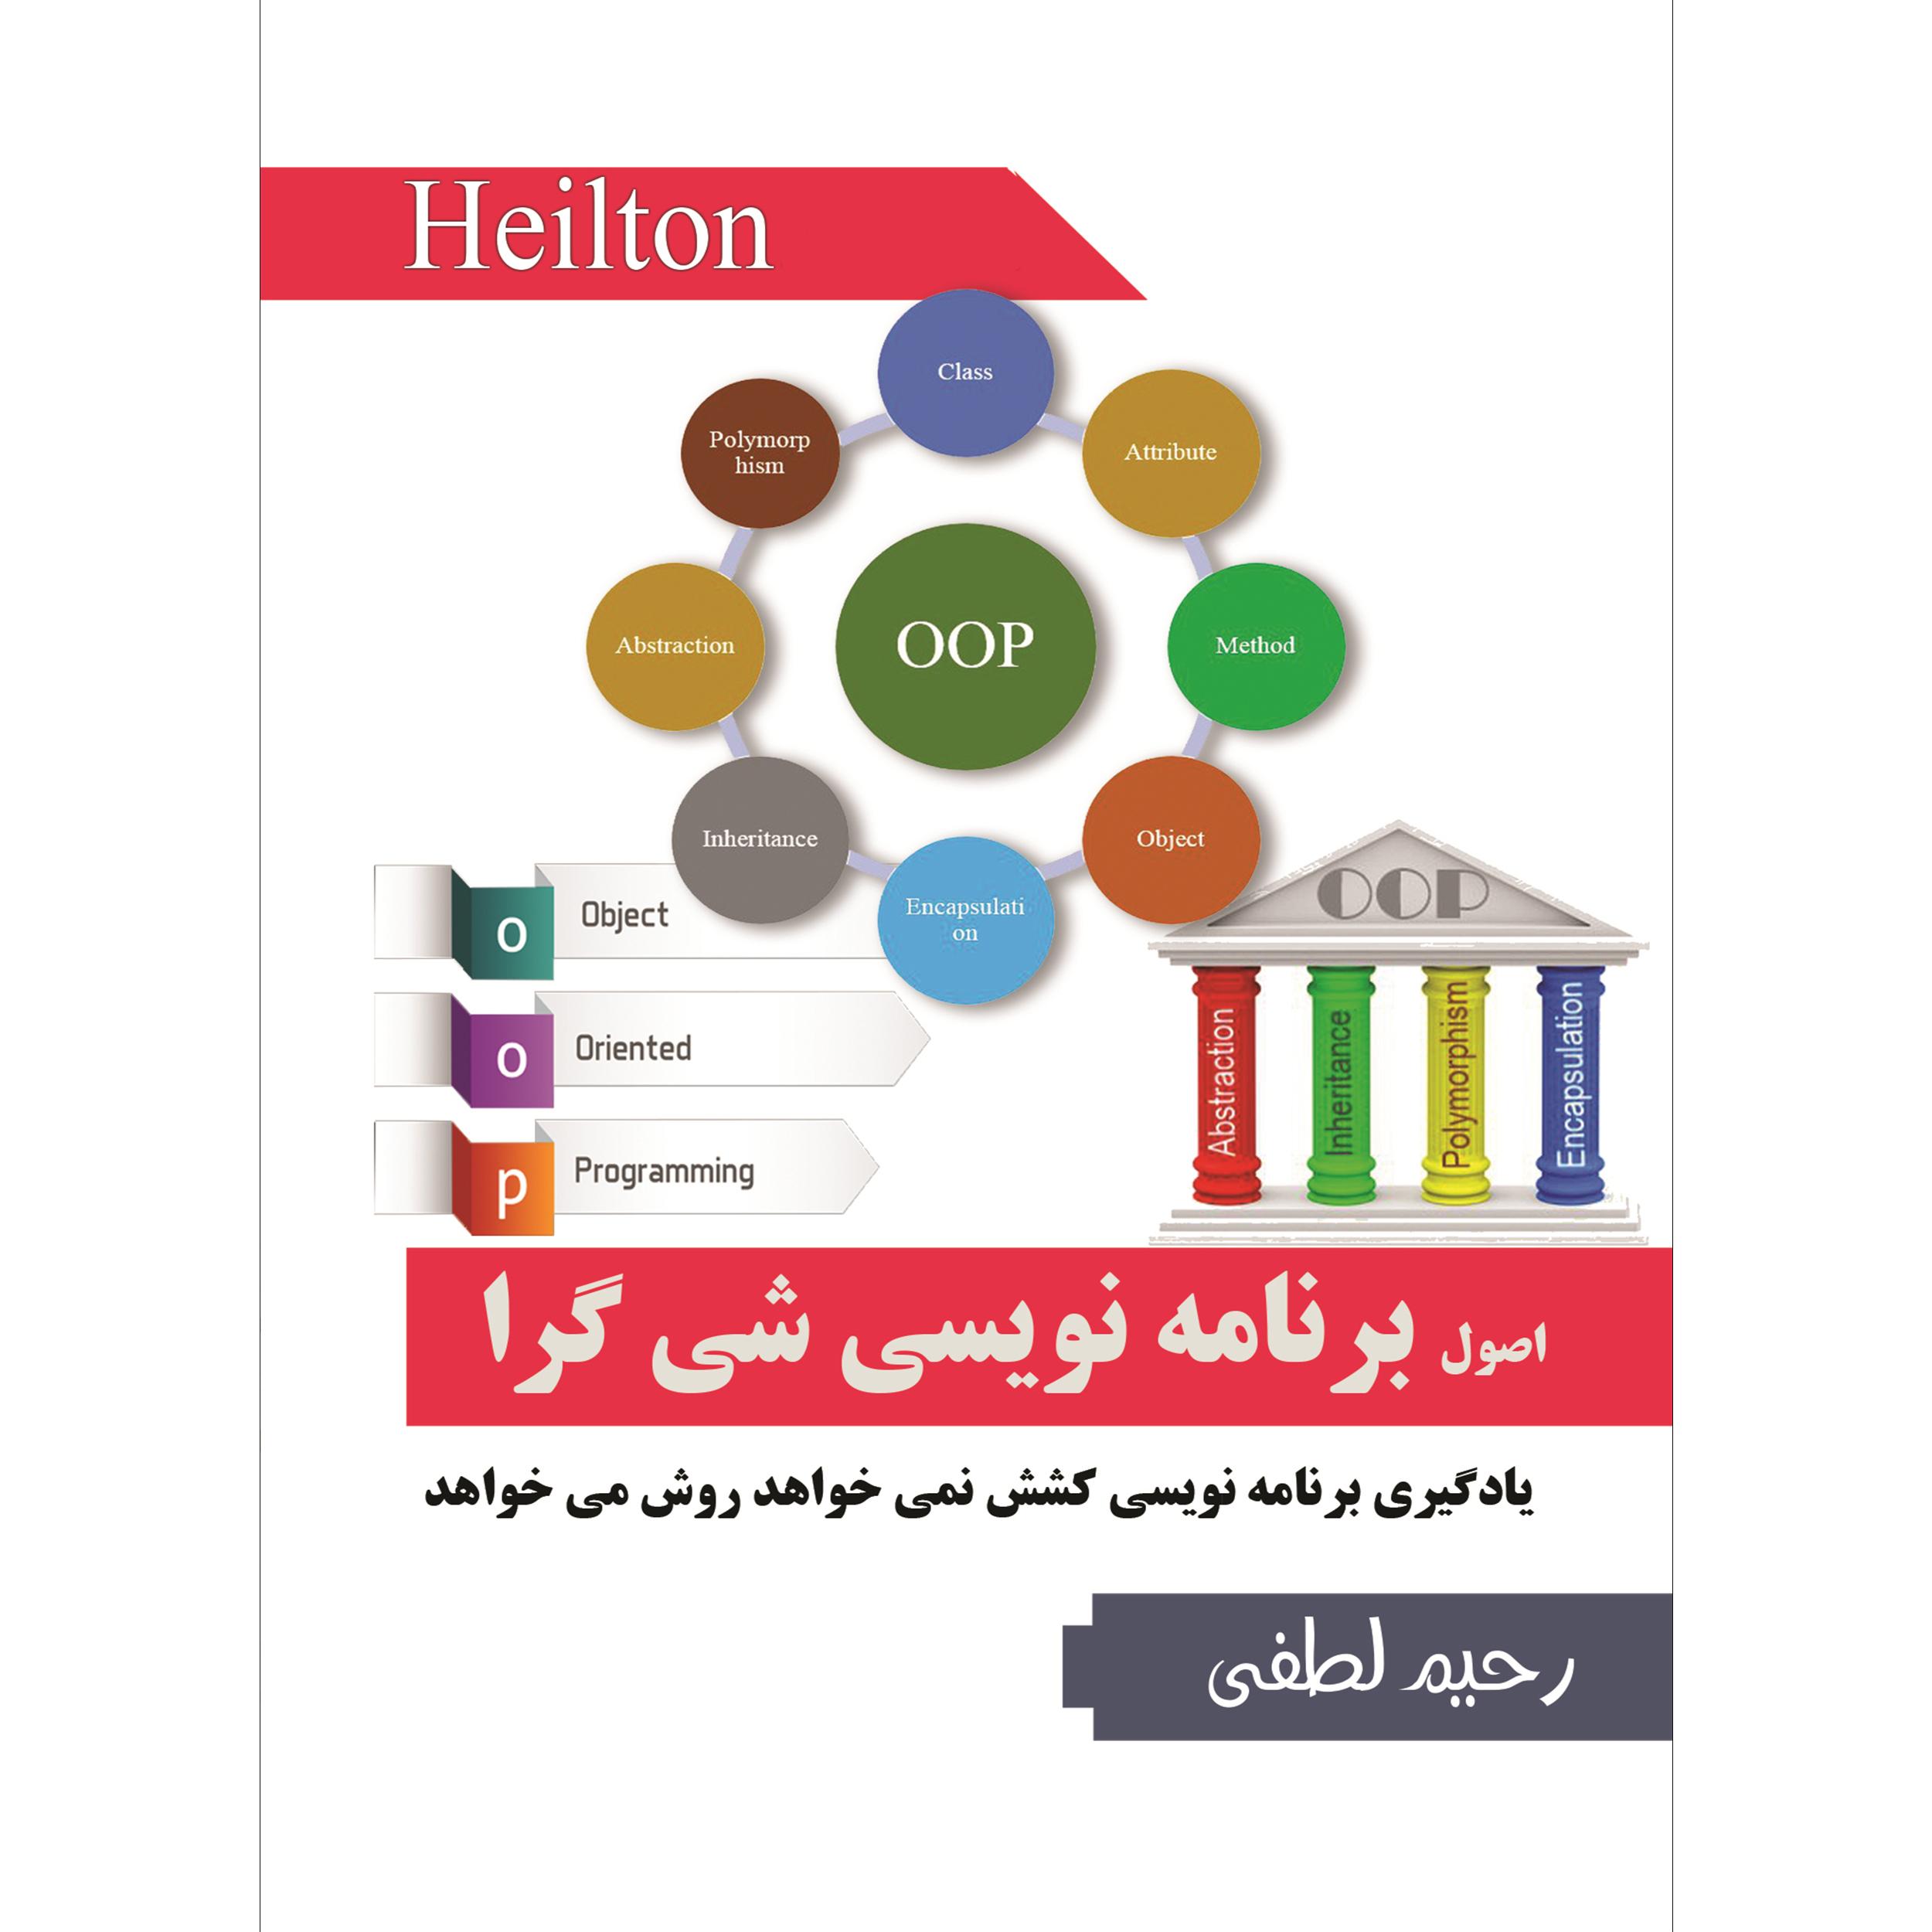 آموزش تصویری اصول برنامه نویسی شی گرا نشر هیلتن